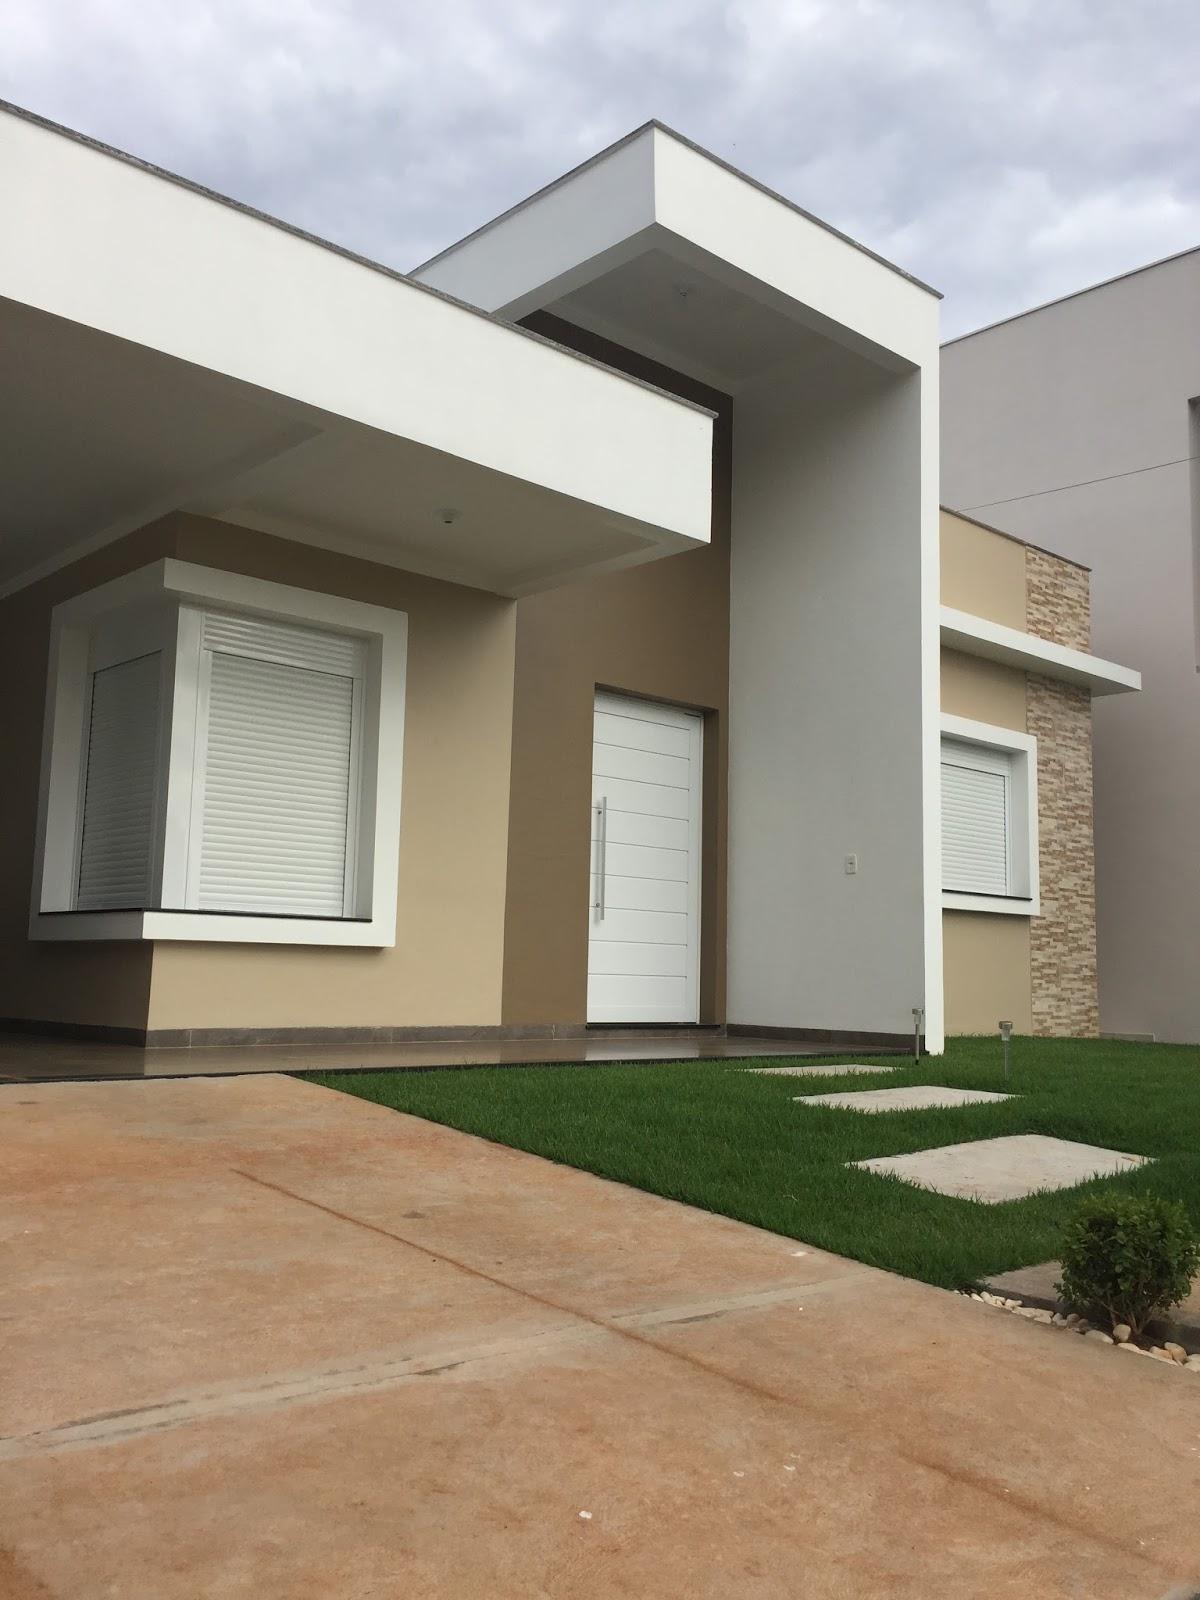 Resid ncia moderna com telhado embutido arquiteta por a for Modelo de fachadas de viviendas